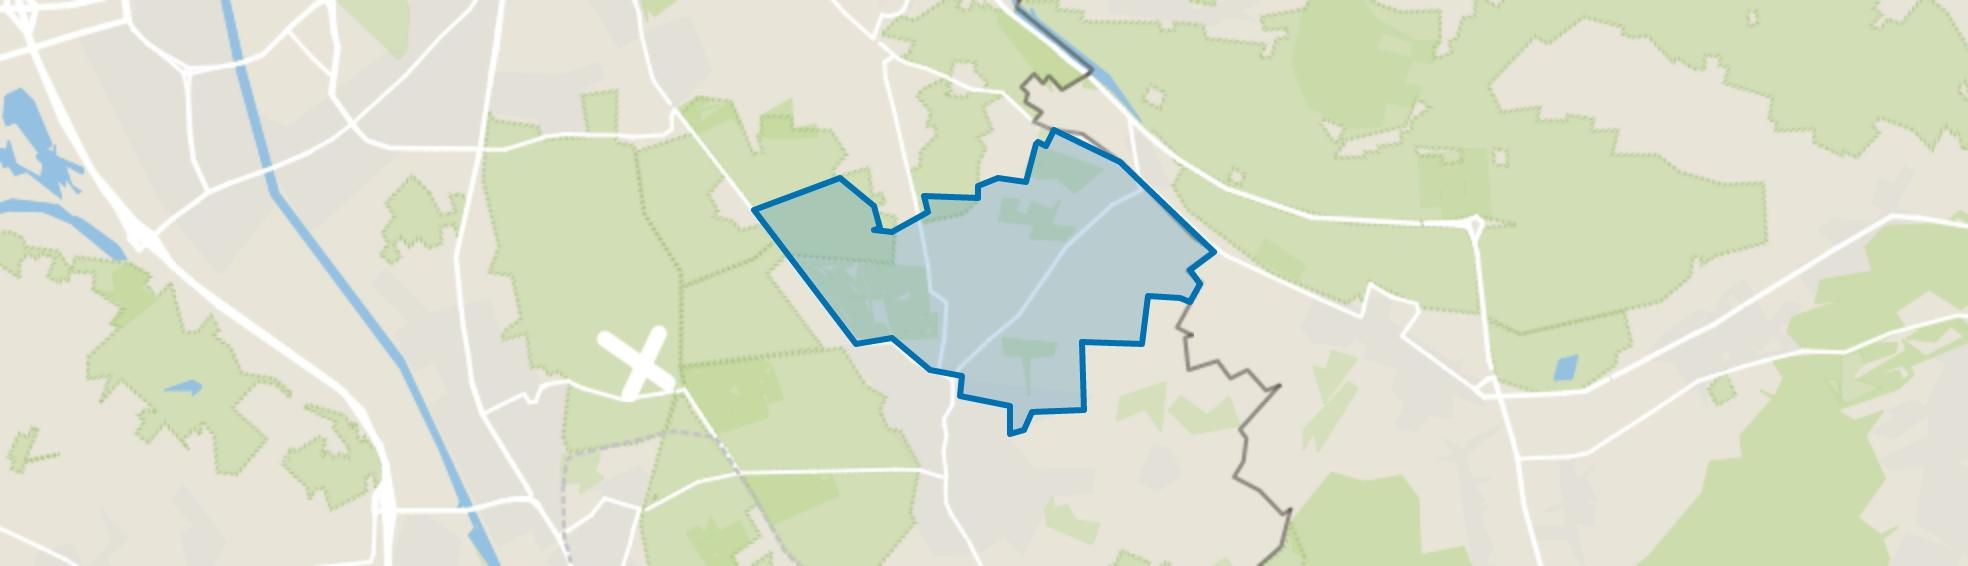 Buitengebied Groesbeek-Noord, Groesbeek map